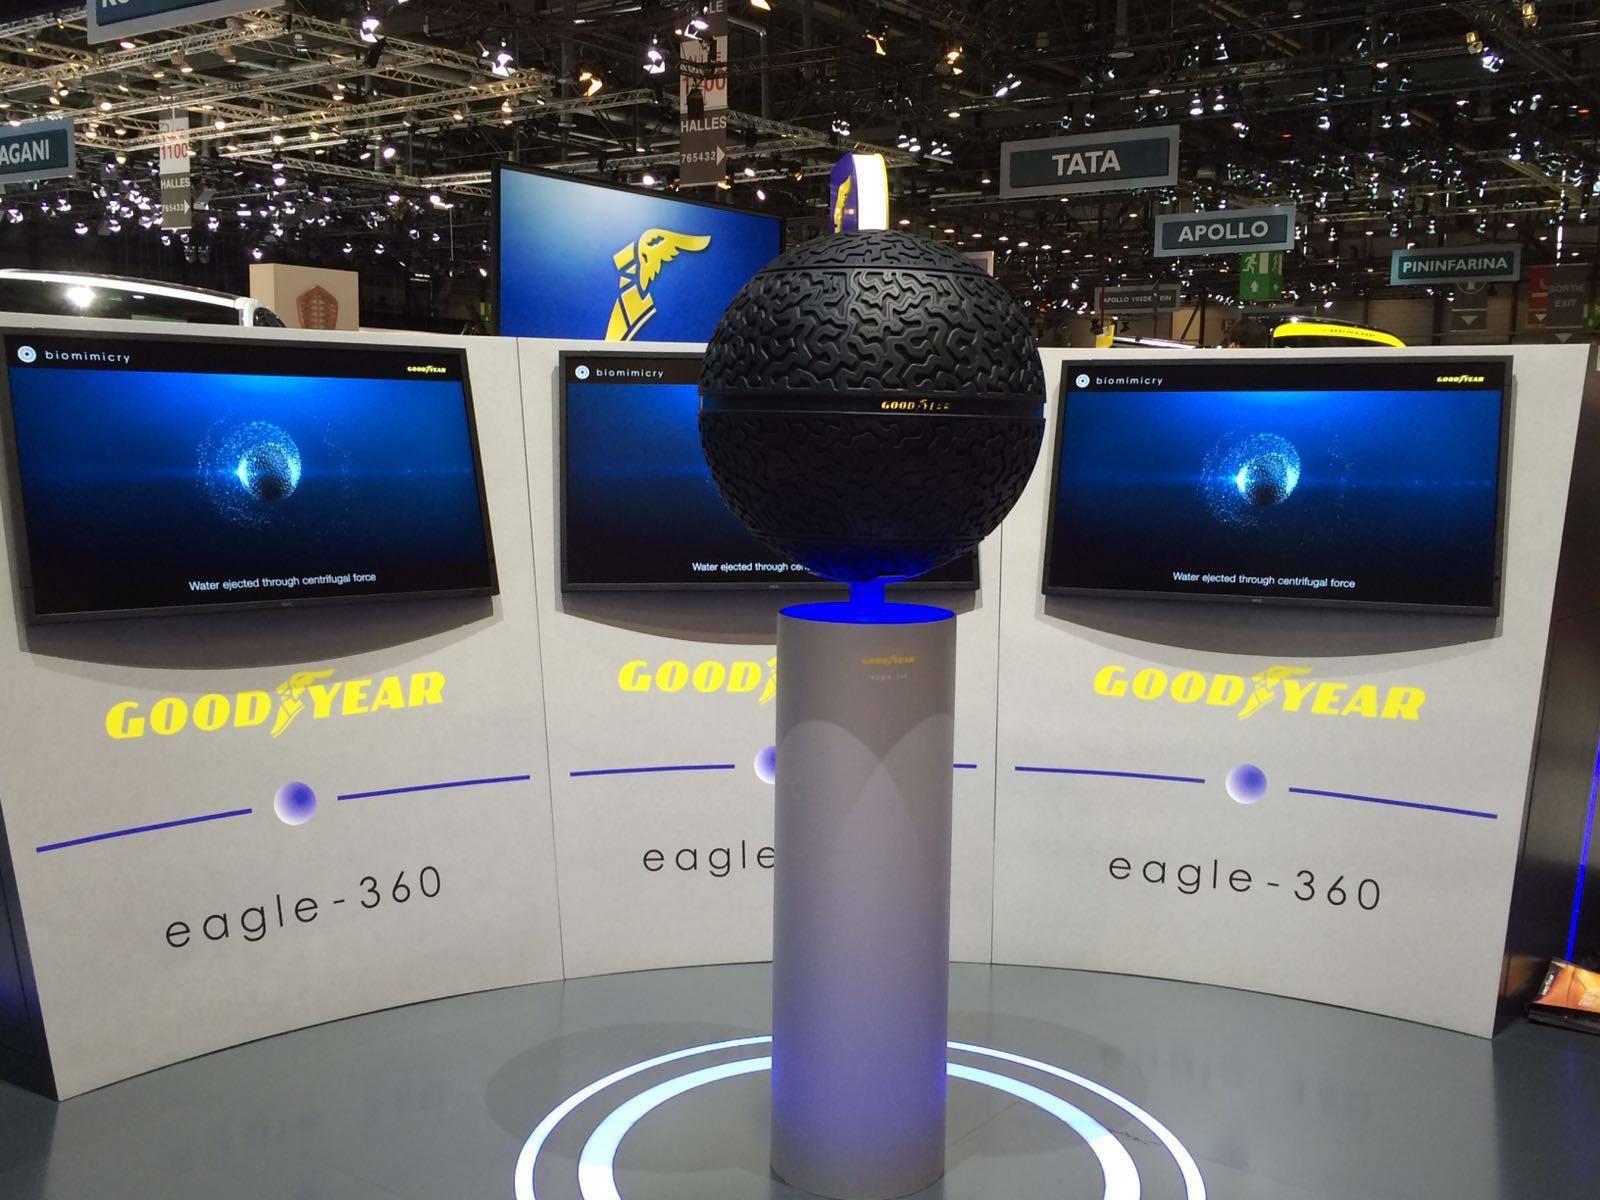 Шины Goodyear Eagle-360 признаны одним из лучших изобретений 2016 года